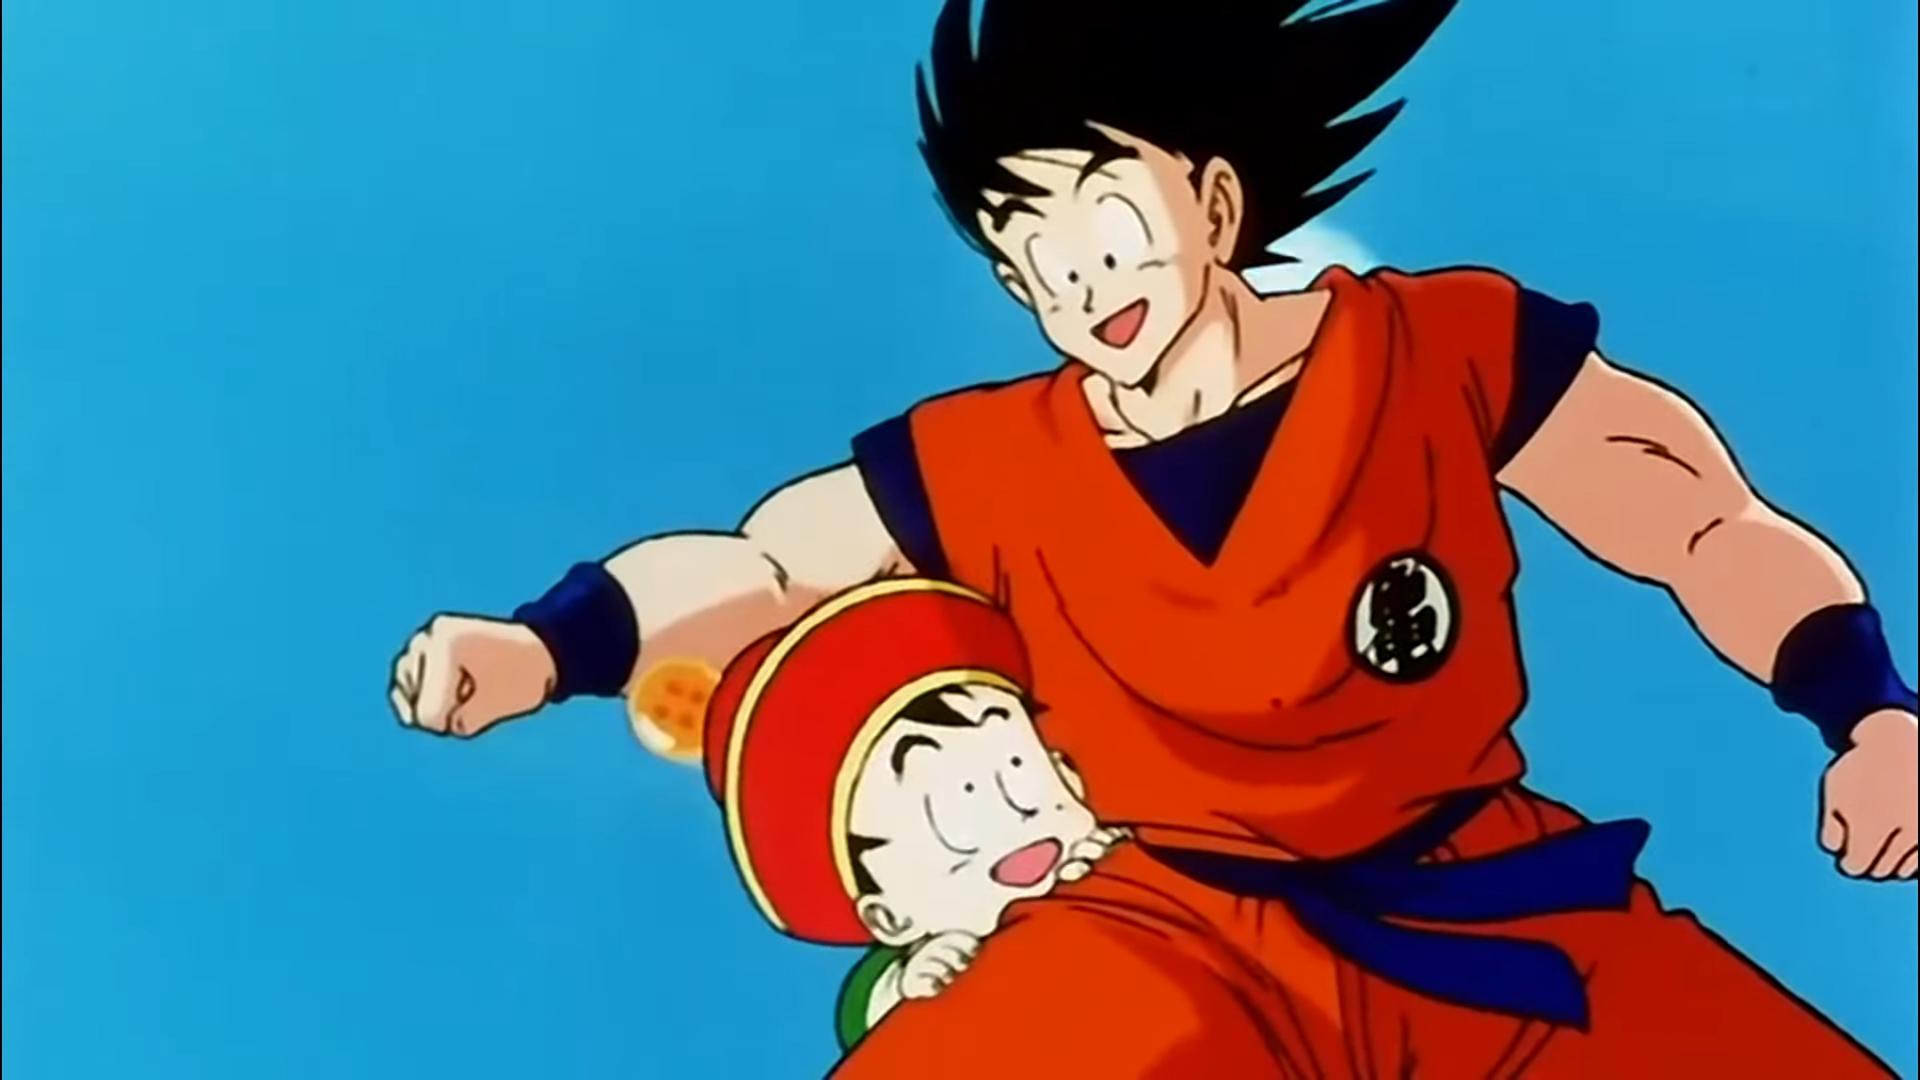 Dragon Ball : Disney Préparerait Un Film En Live-Action encequiconcerne Dessin Animé De Dragon Ball Z